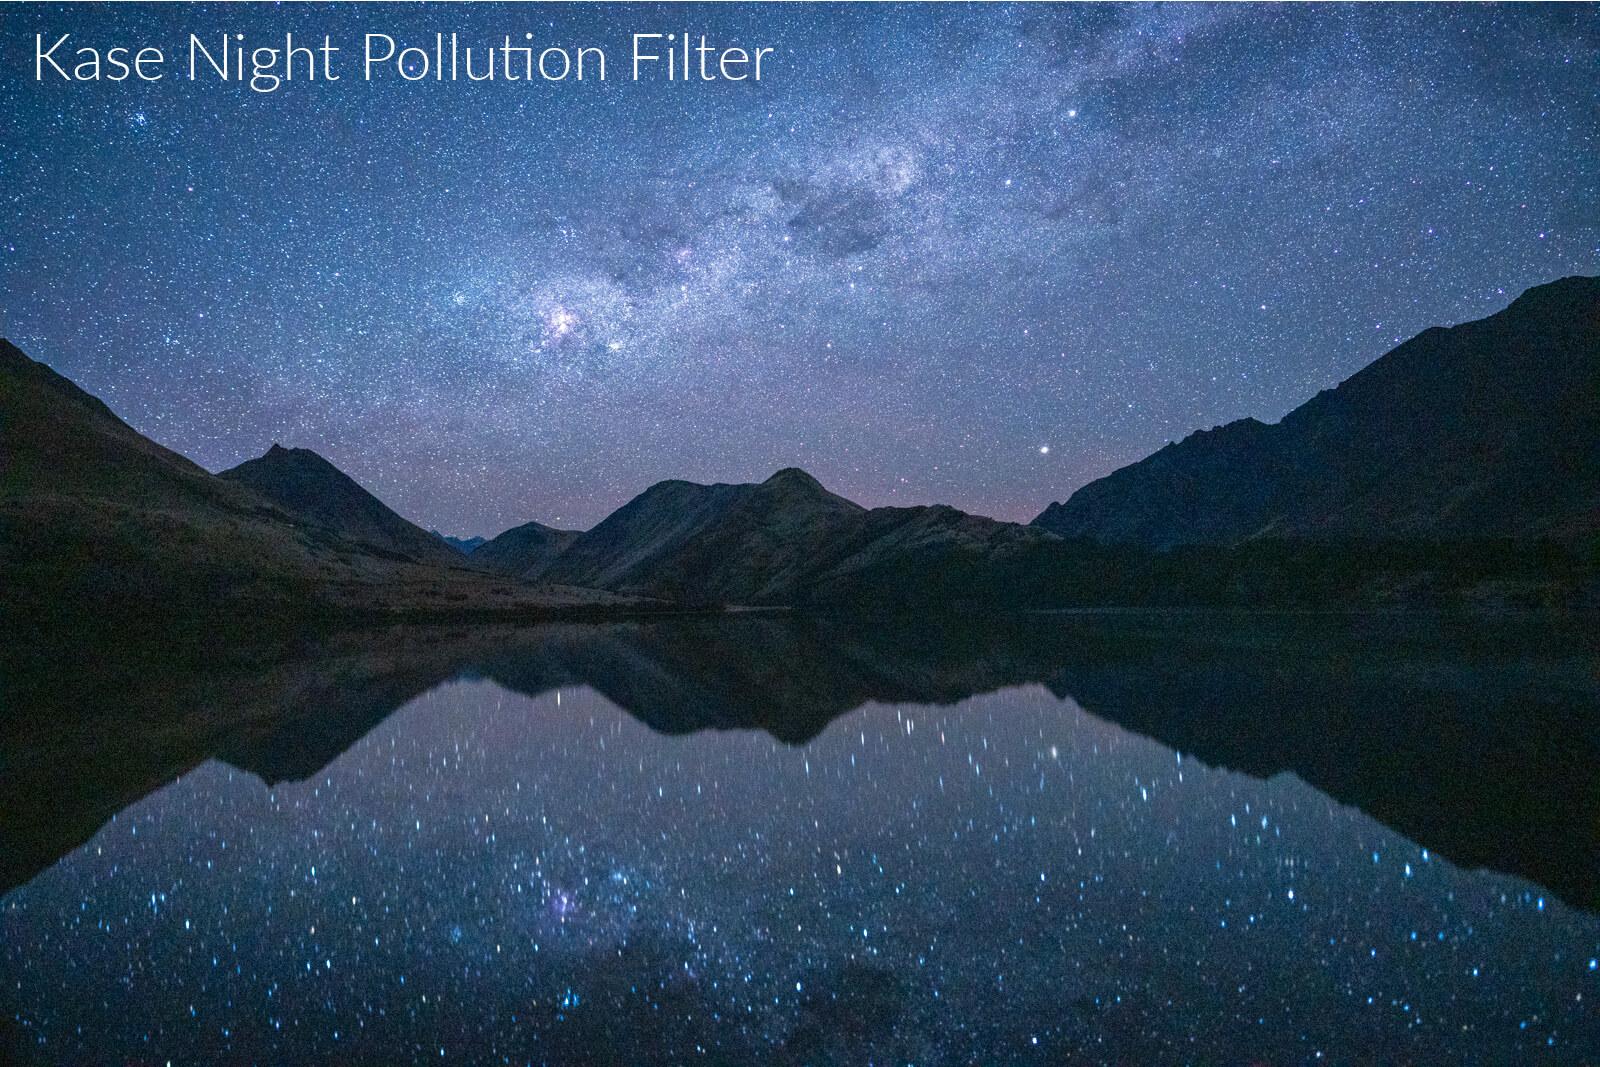 kase filters night pollution filter